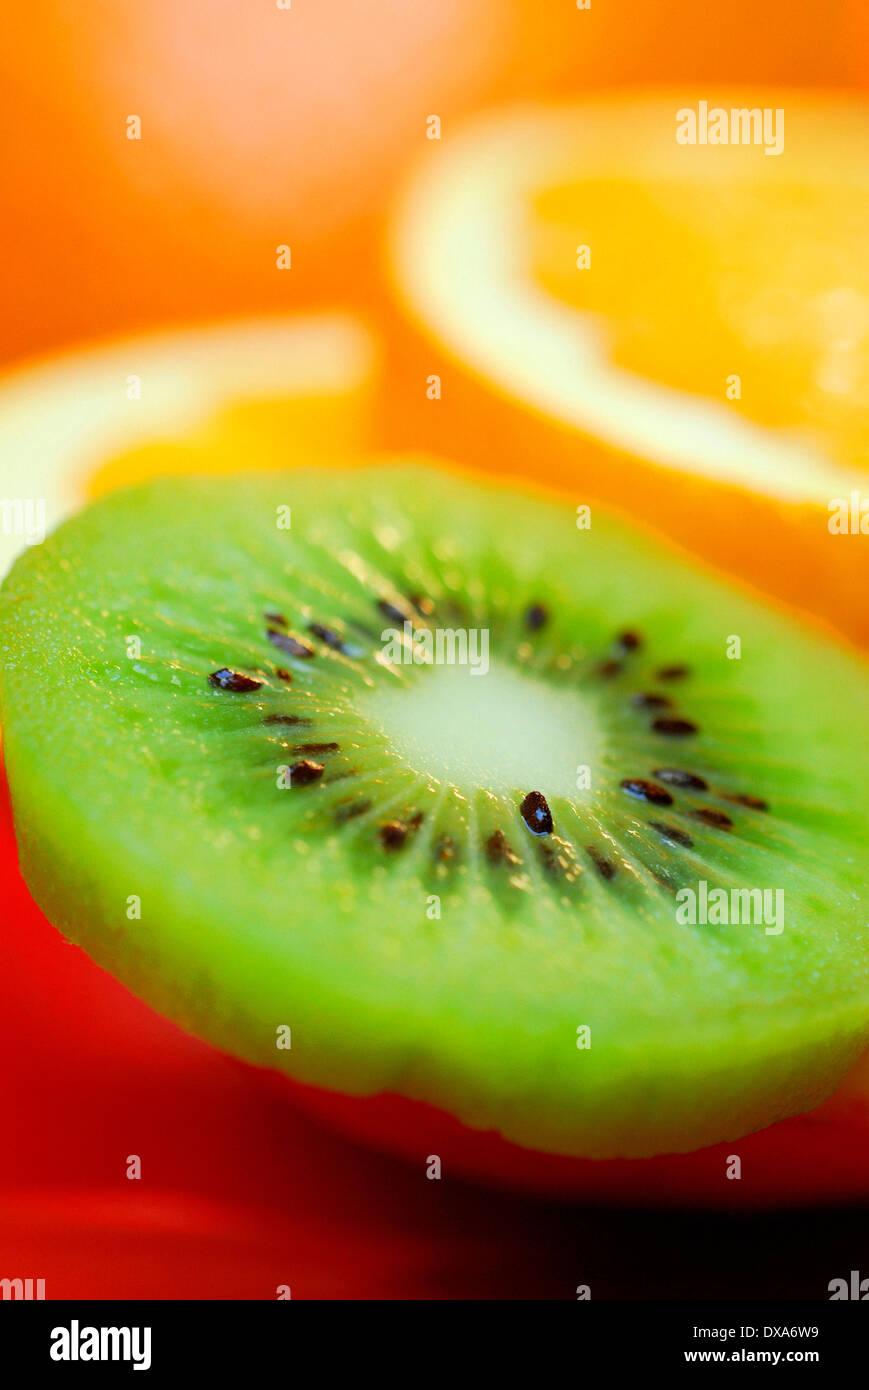 Orange and Kiwi - Stock Image